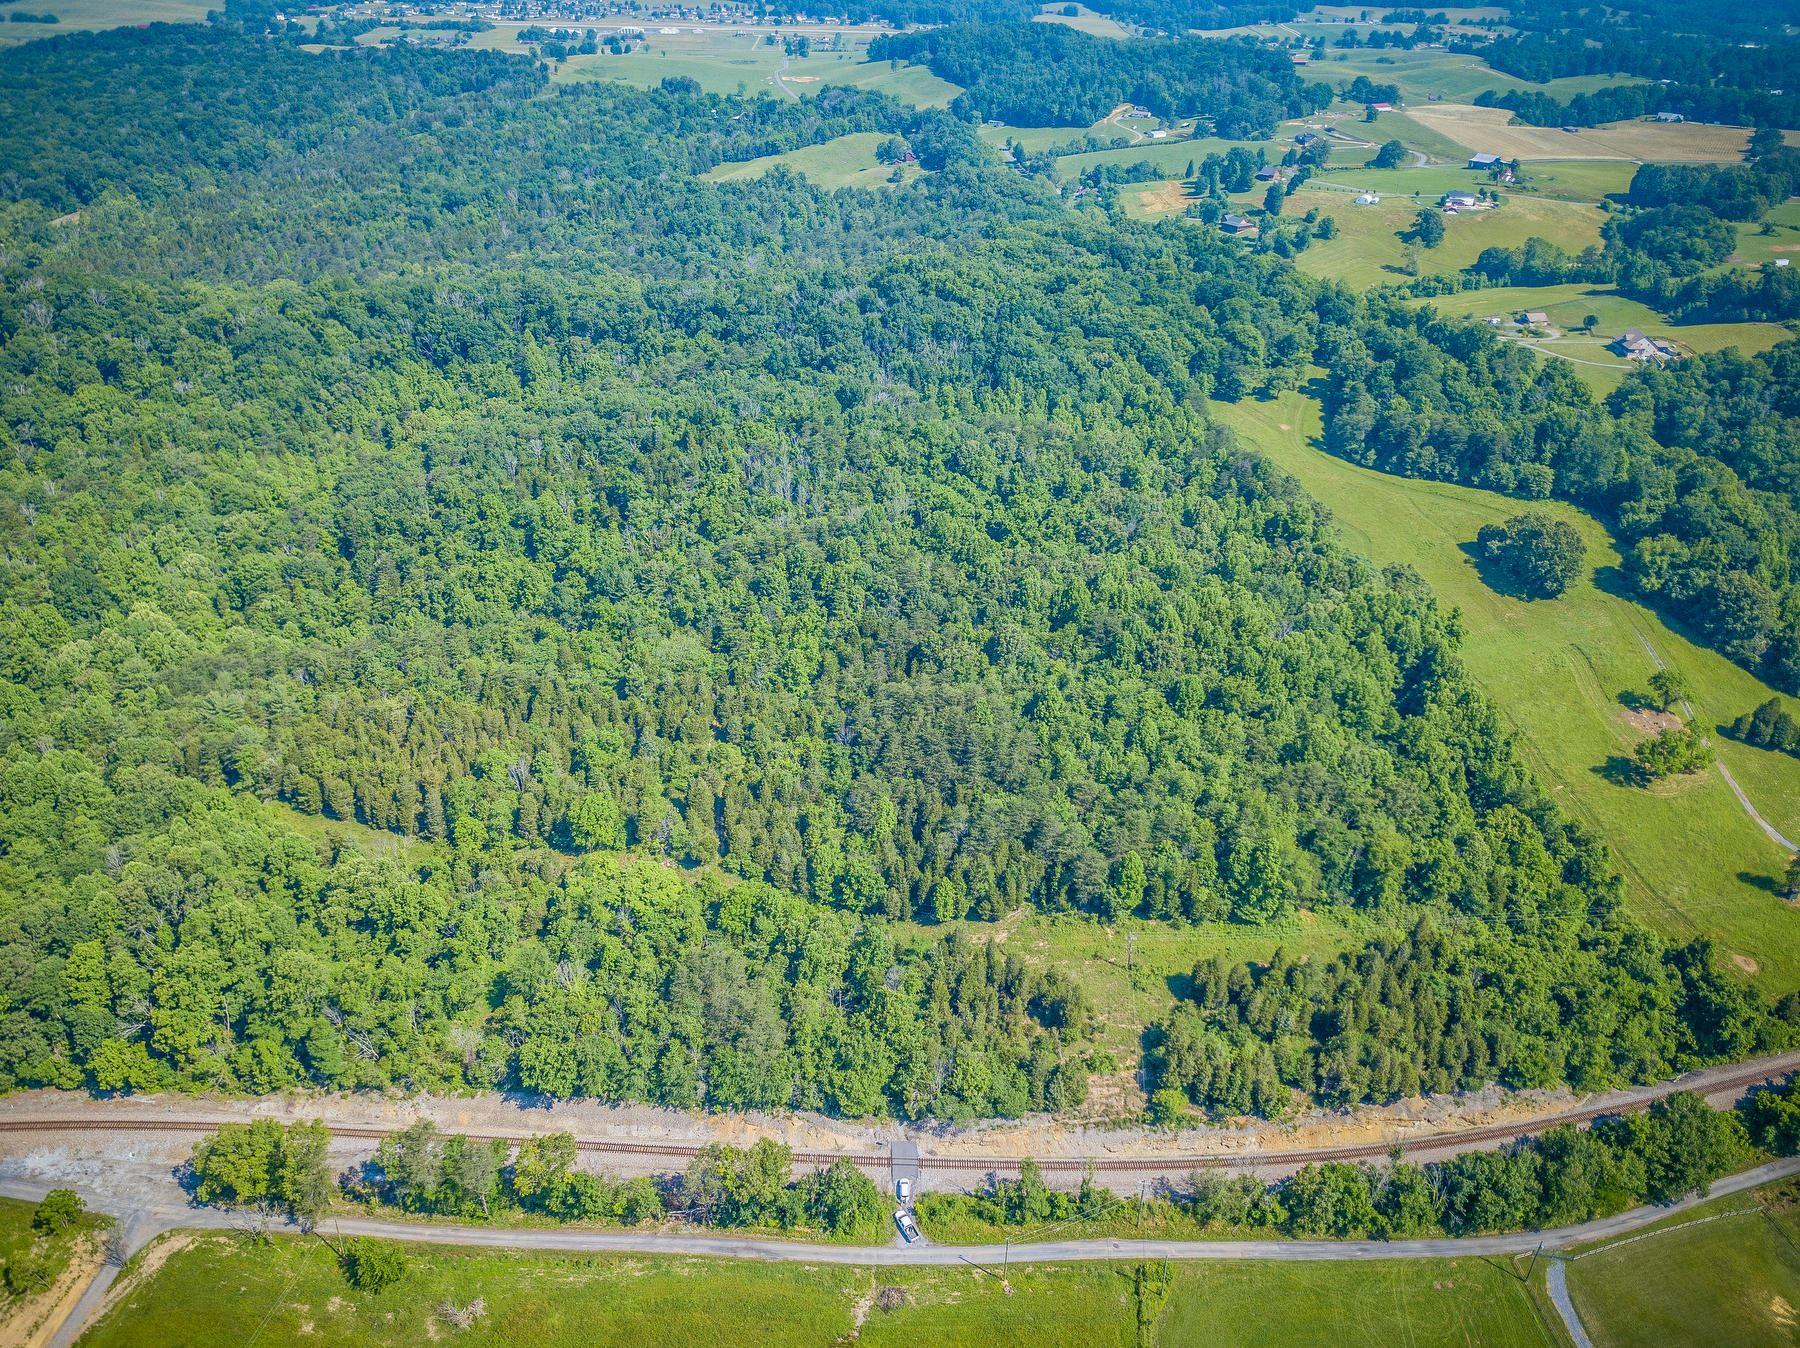 Photo of 0 Williams Lane, Rogersville, TN 37857 (MLS # 9910847)